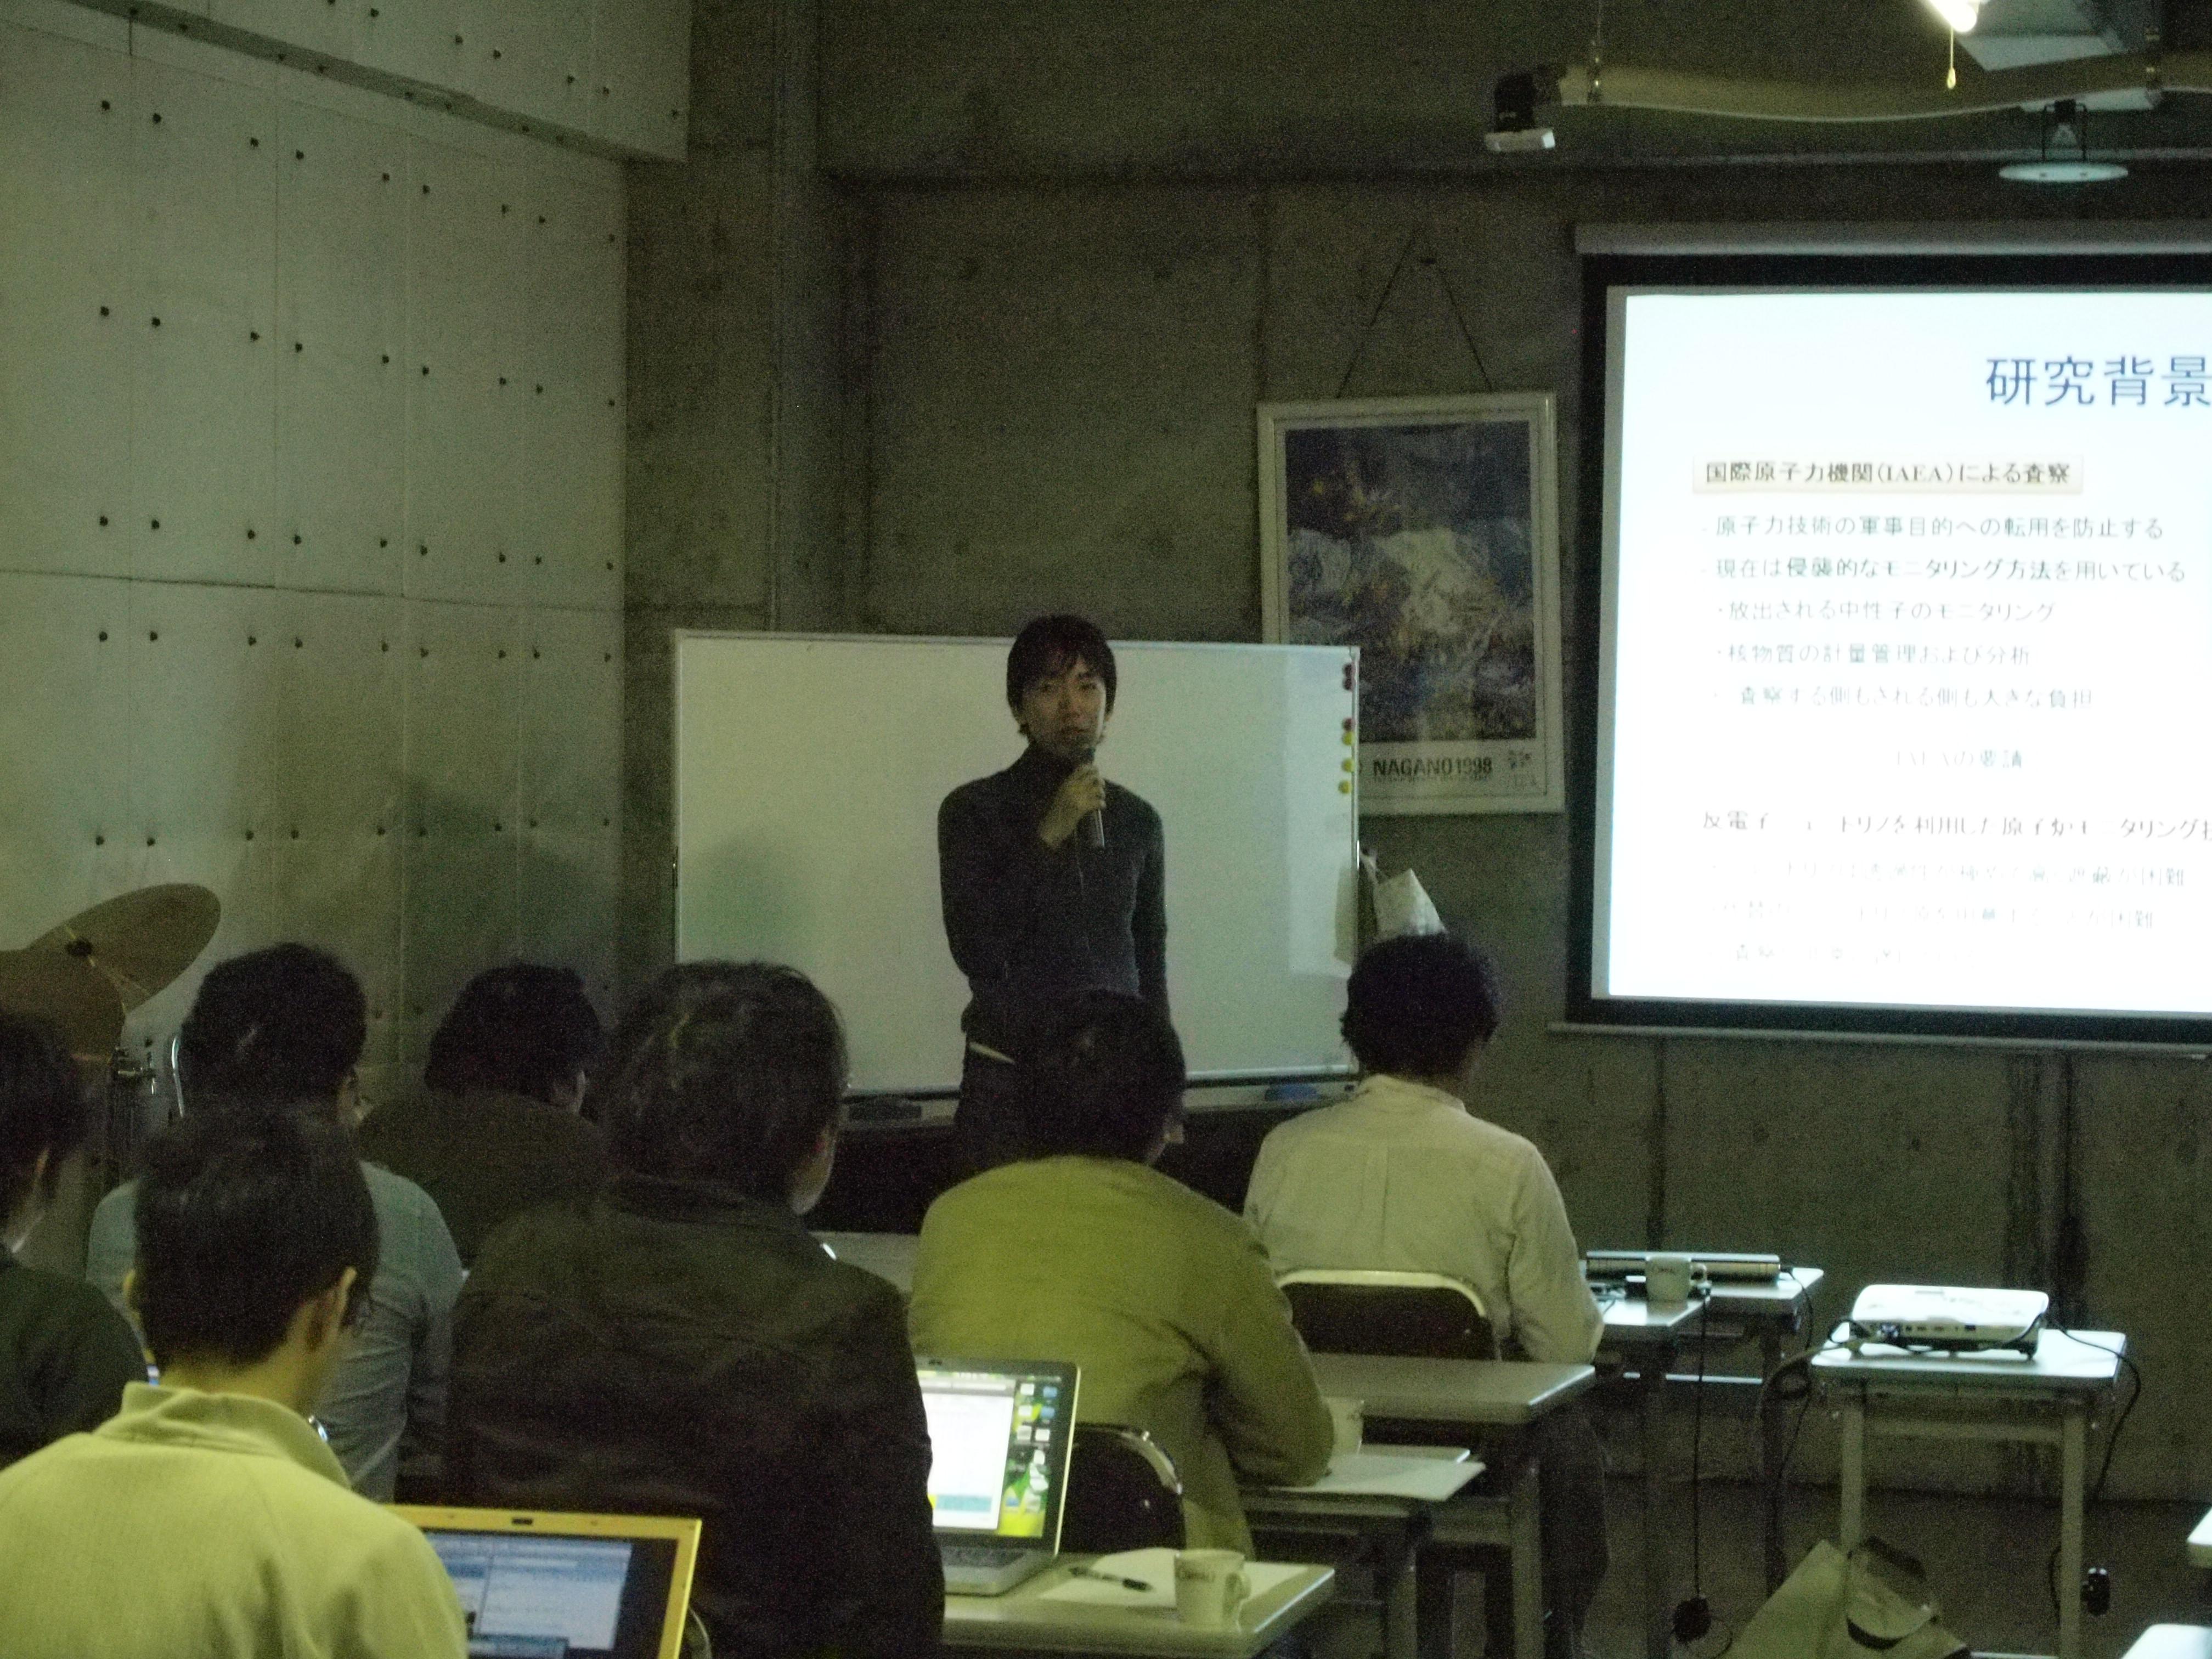 18th ICEPP Symposium          東京大学素粒子物理国際研究センターシンポジウムシンポジウム風景メニューリンク